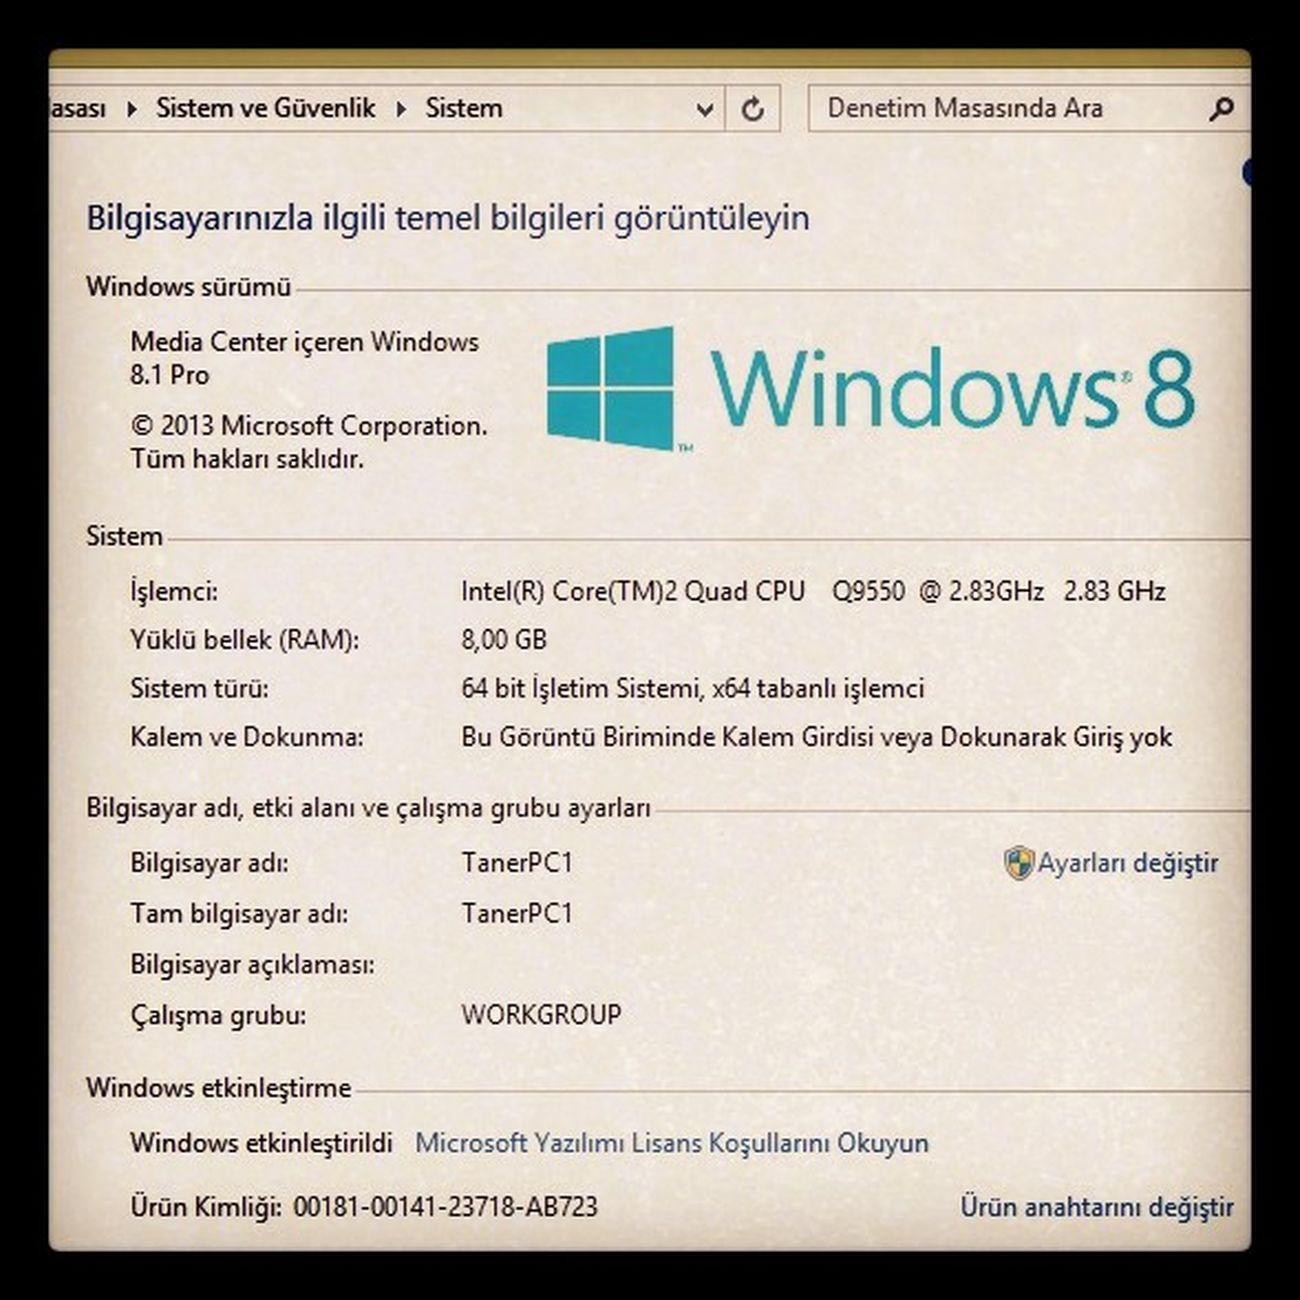 İki günlük uğraş sonucunda, Media Center içeren Windows 8.1 Pro